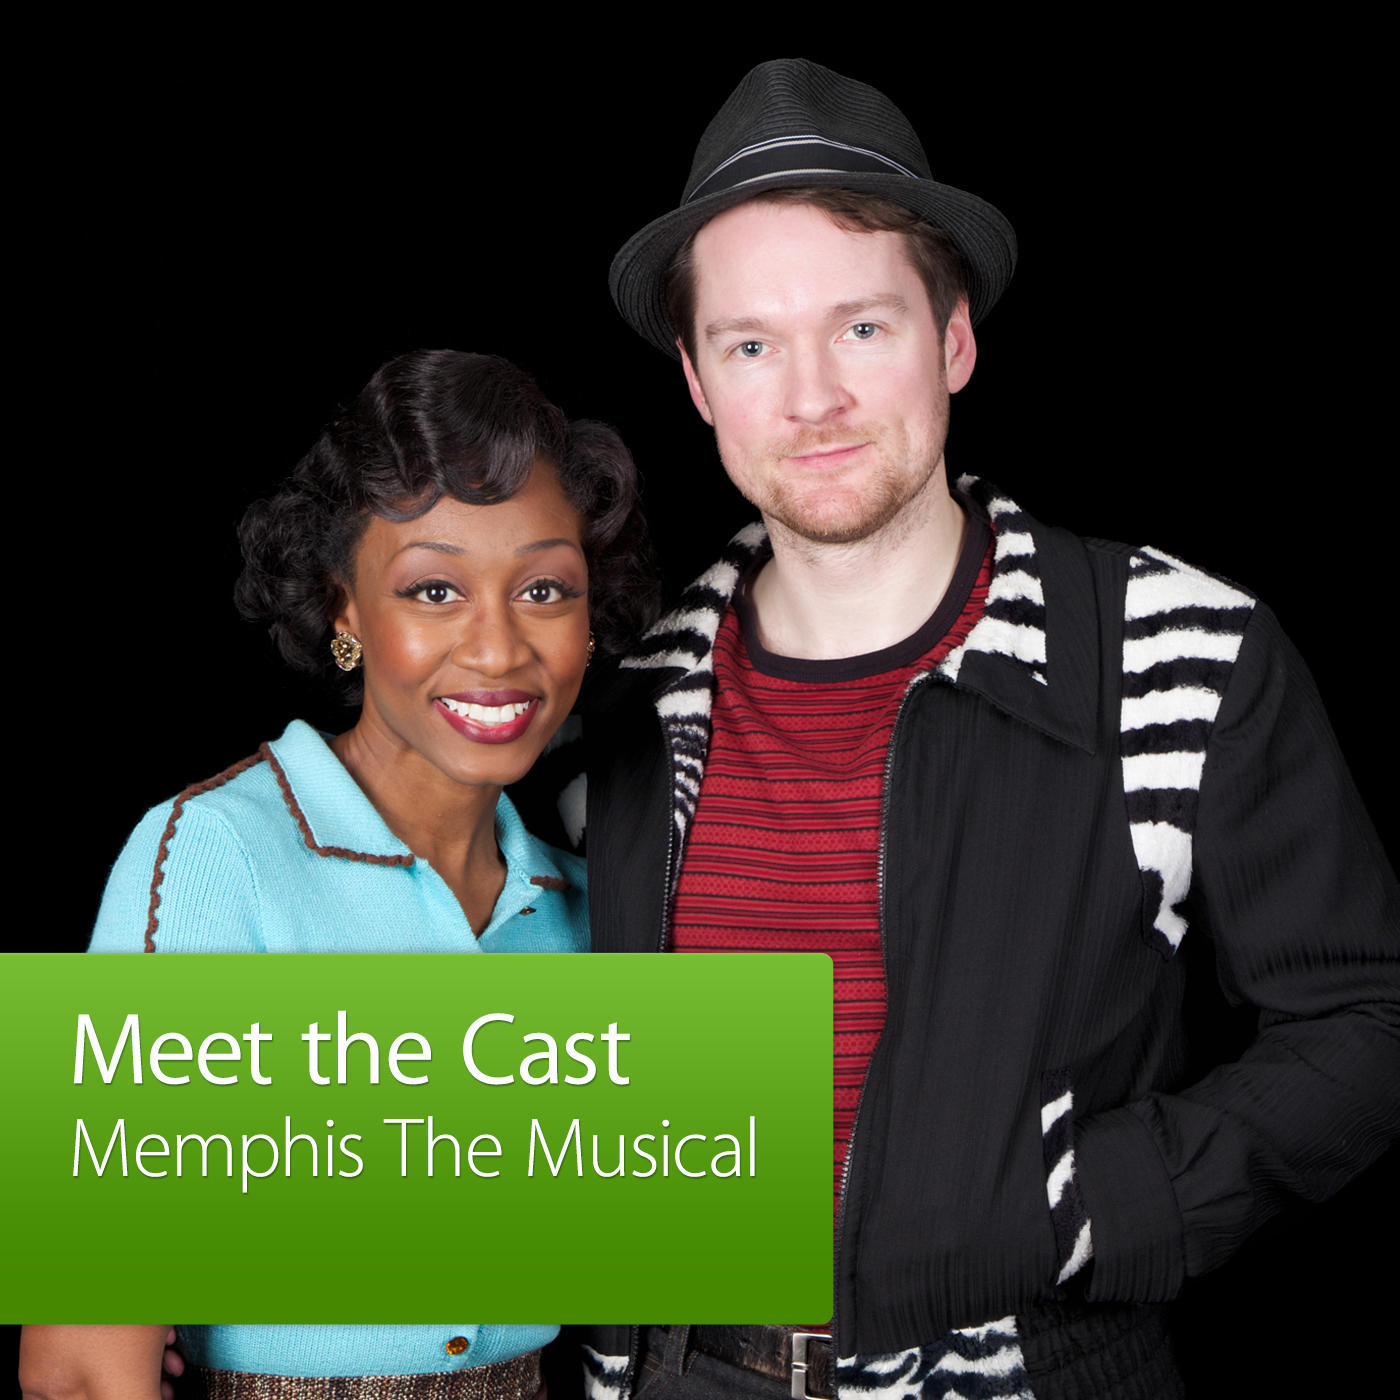 Memphis The Musical: Meet the Cast